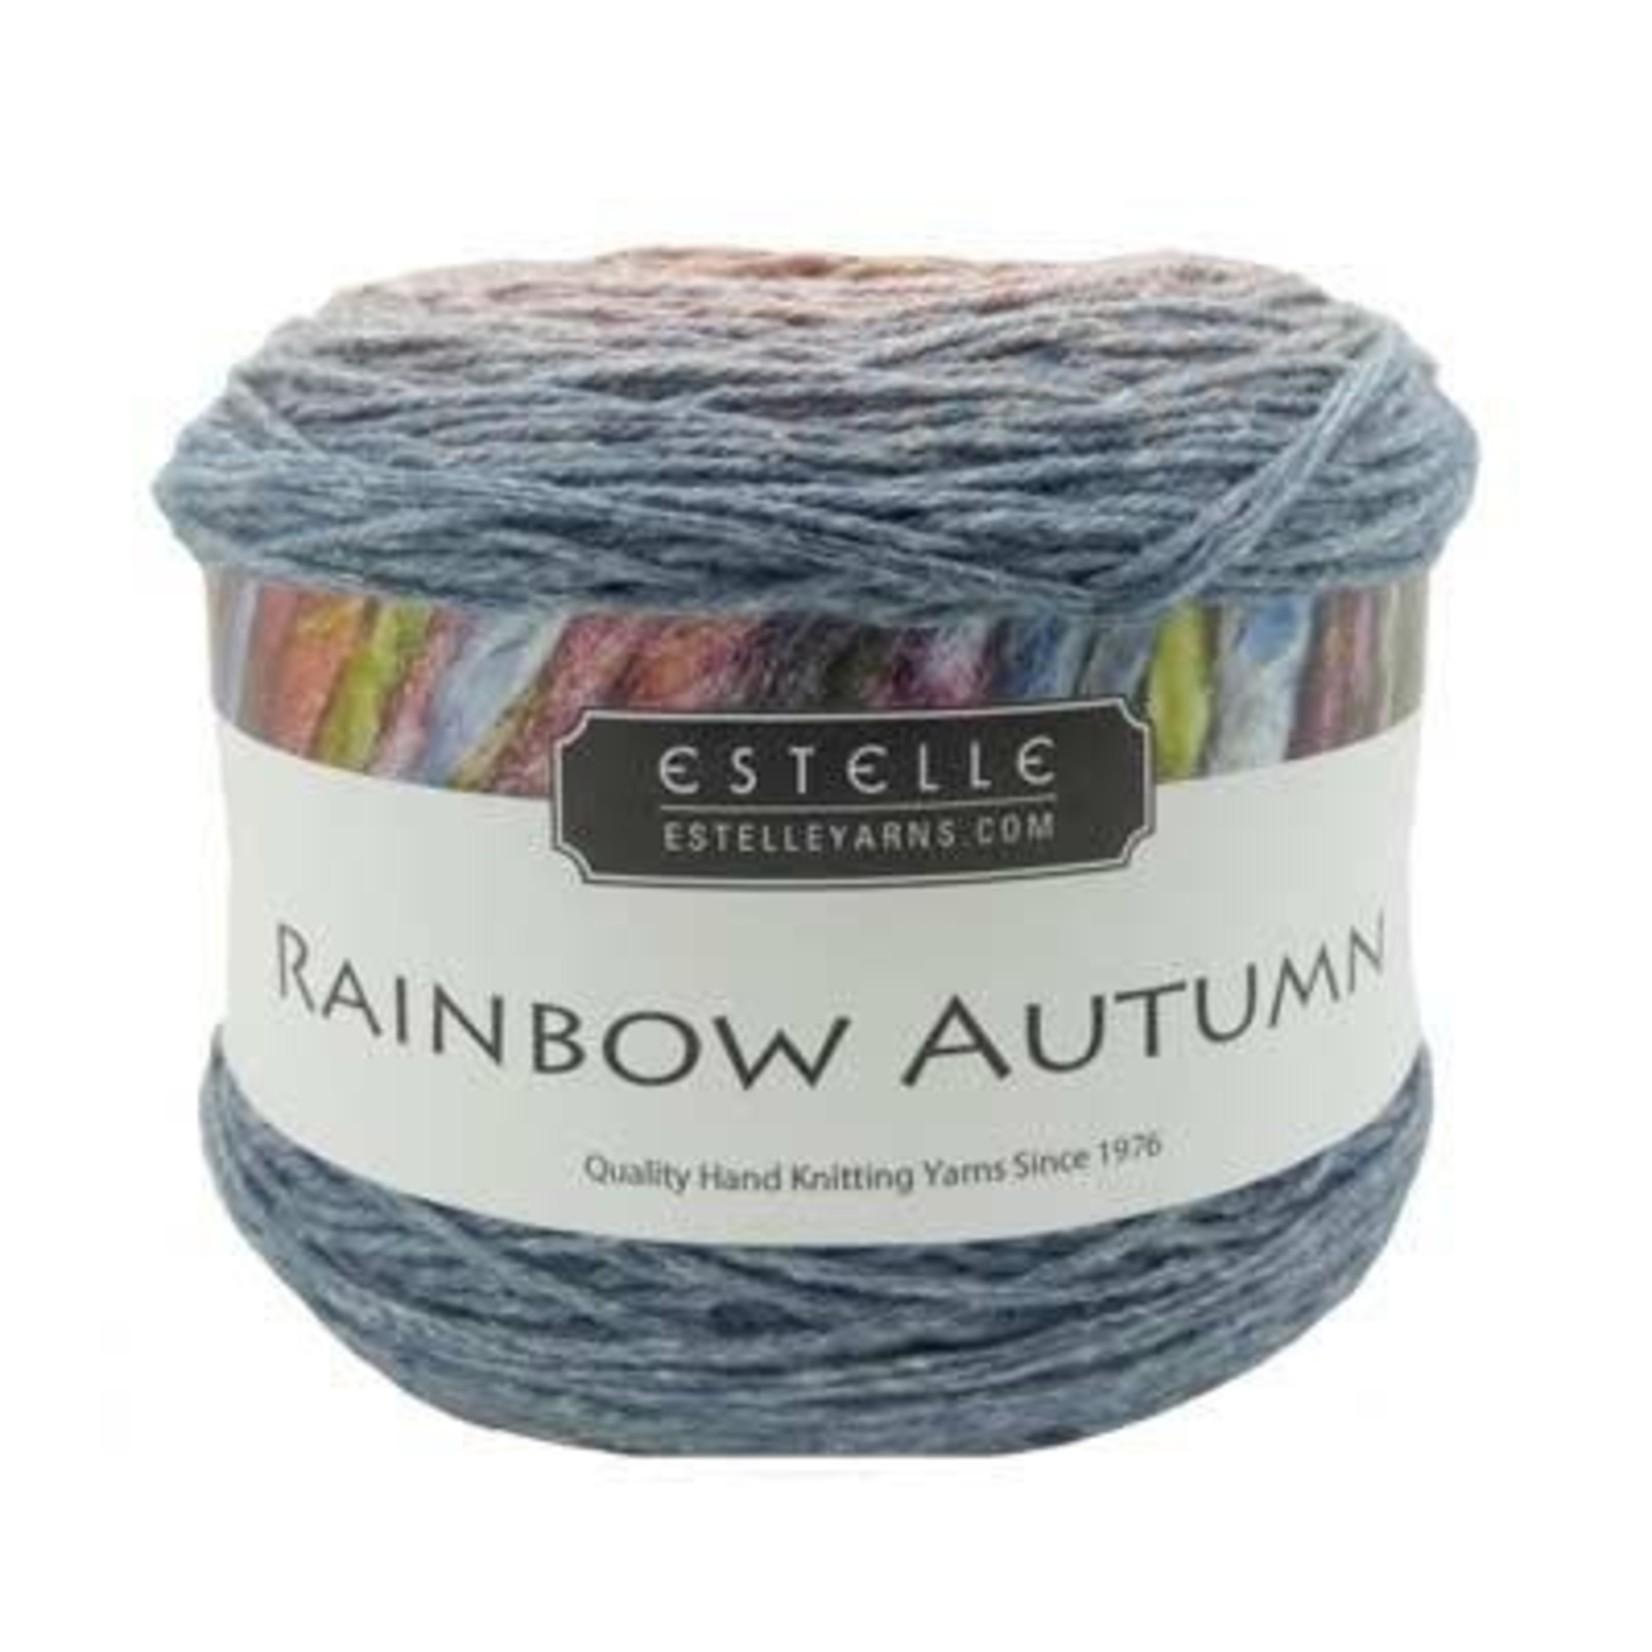 Estelle Yarns Estelle - Rainbow Autumn